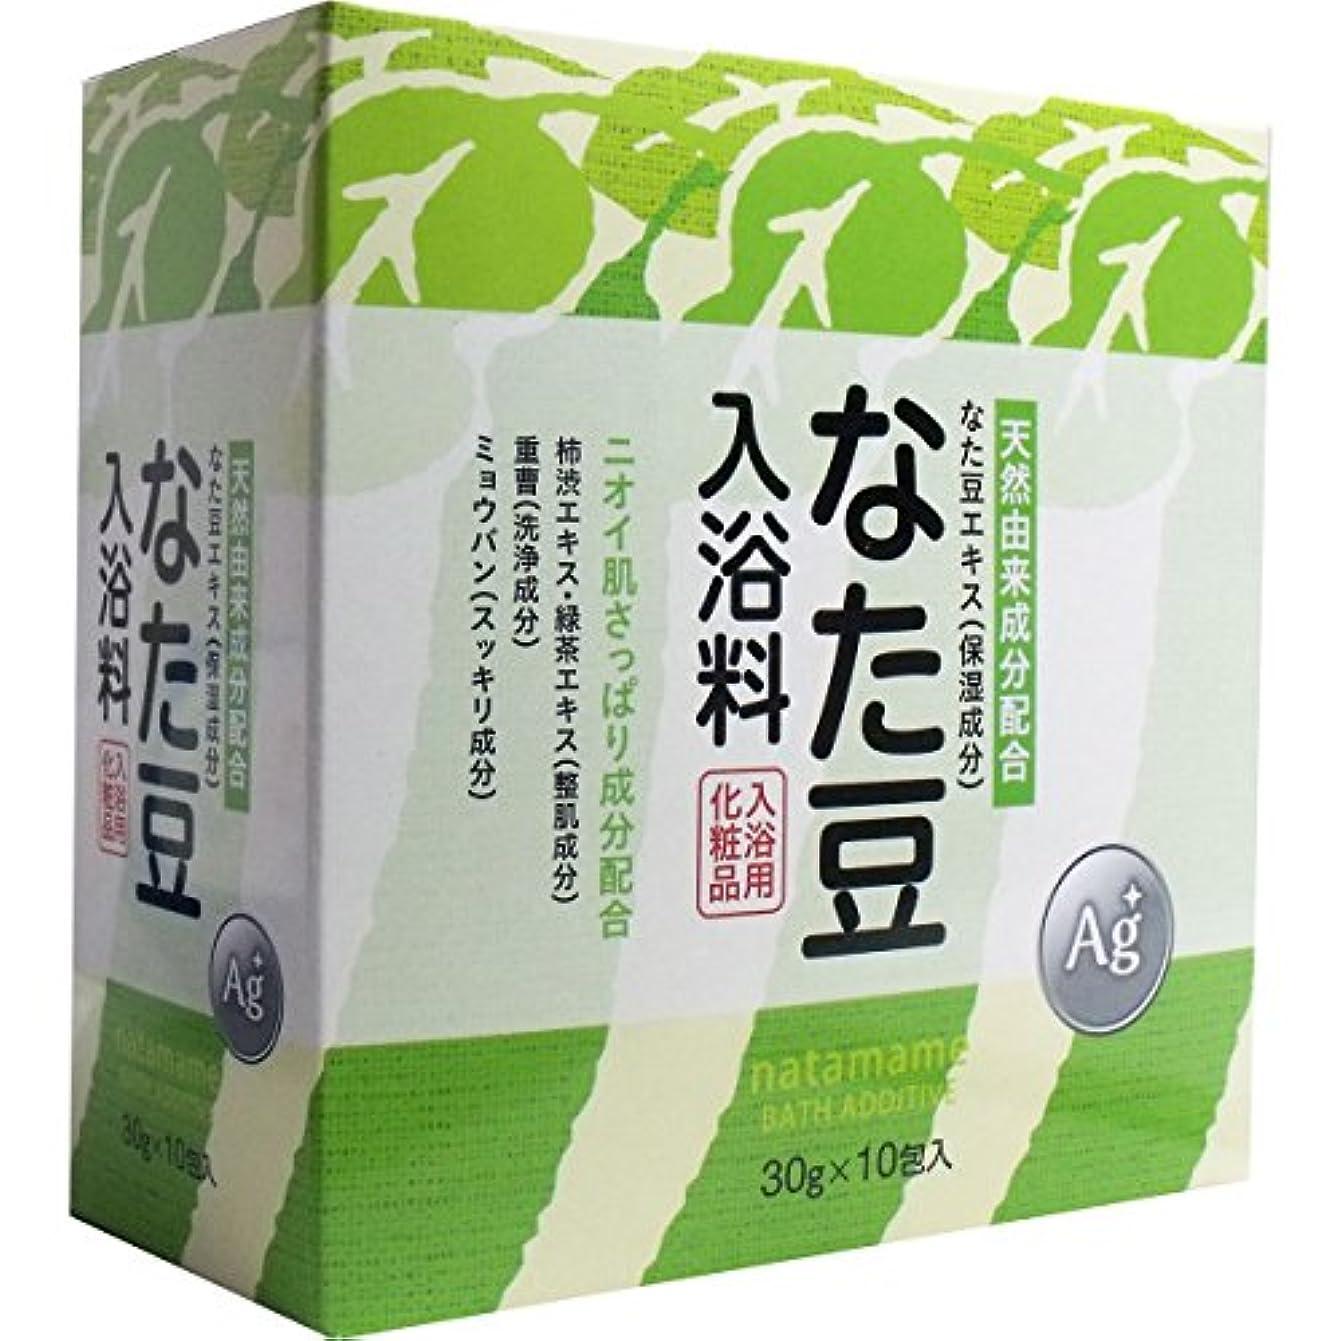 におい誘うフォローなた豆入浴料 入浴用化粧品 30g×10包入×5